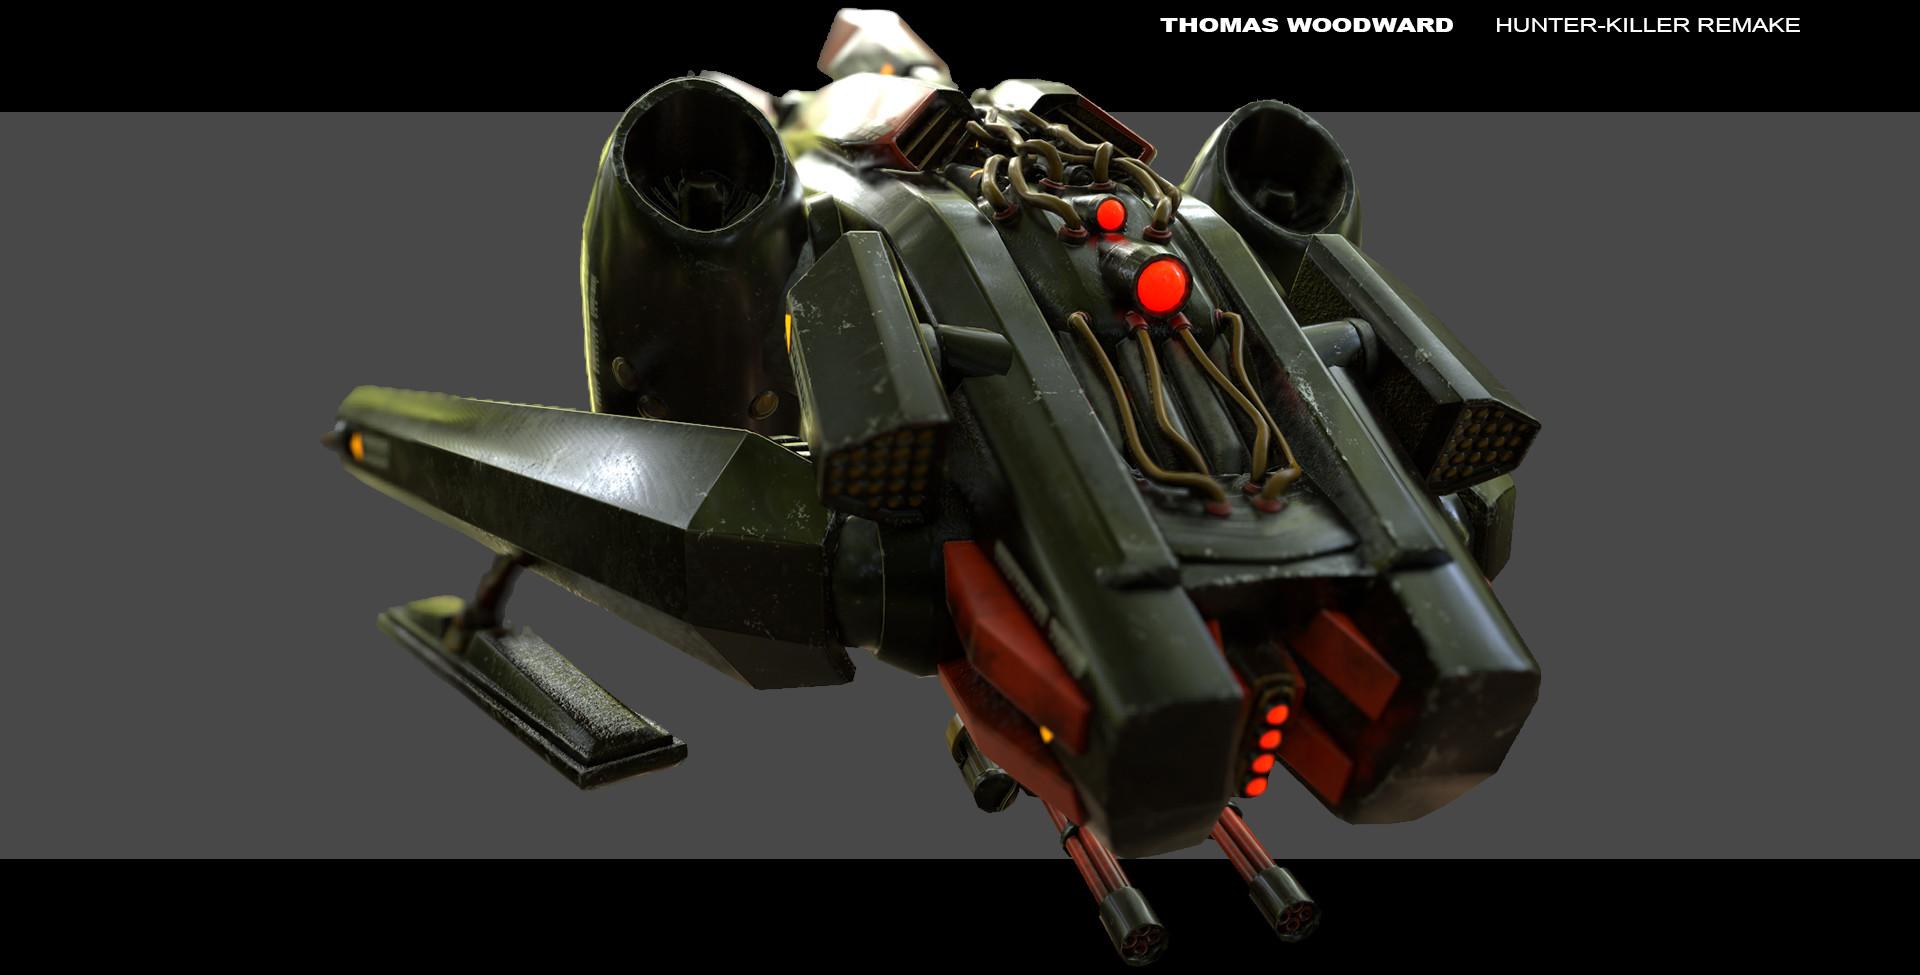 Thomas woodward 04